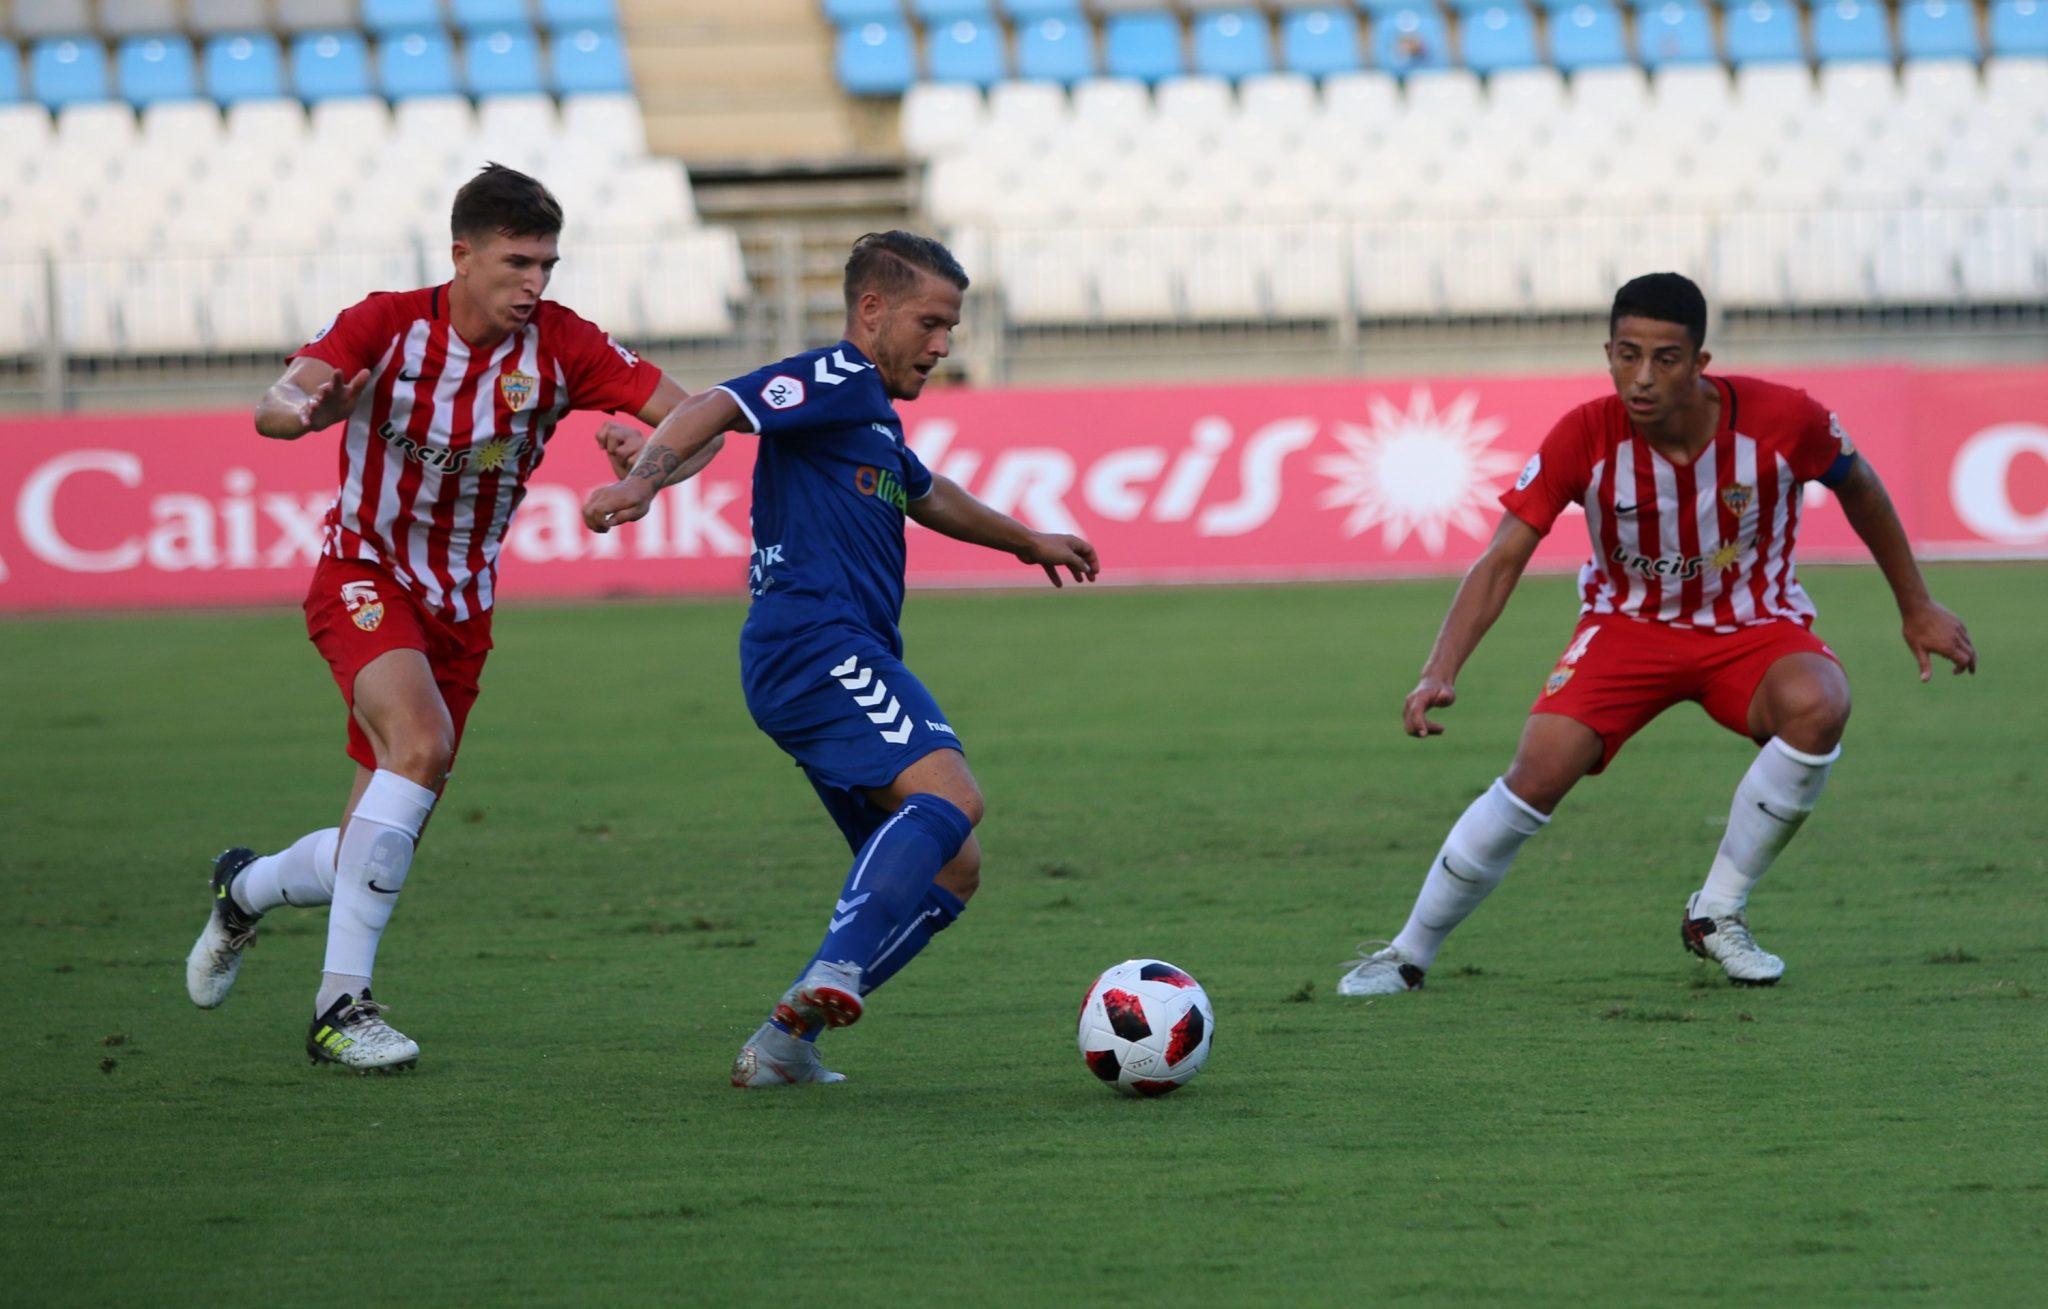 Derrota del Marbella en el inicio de temporada frente el Almería B (2-1)